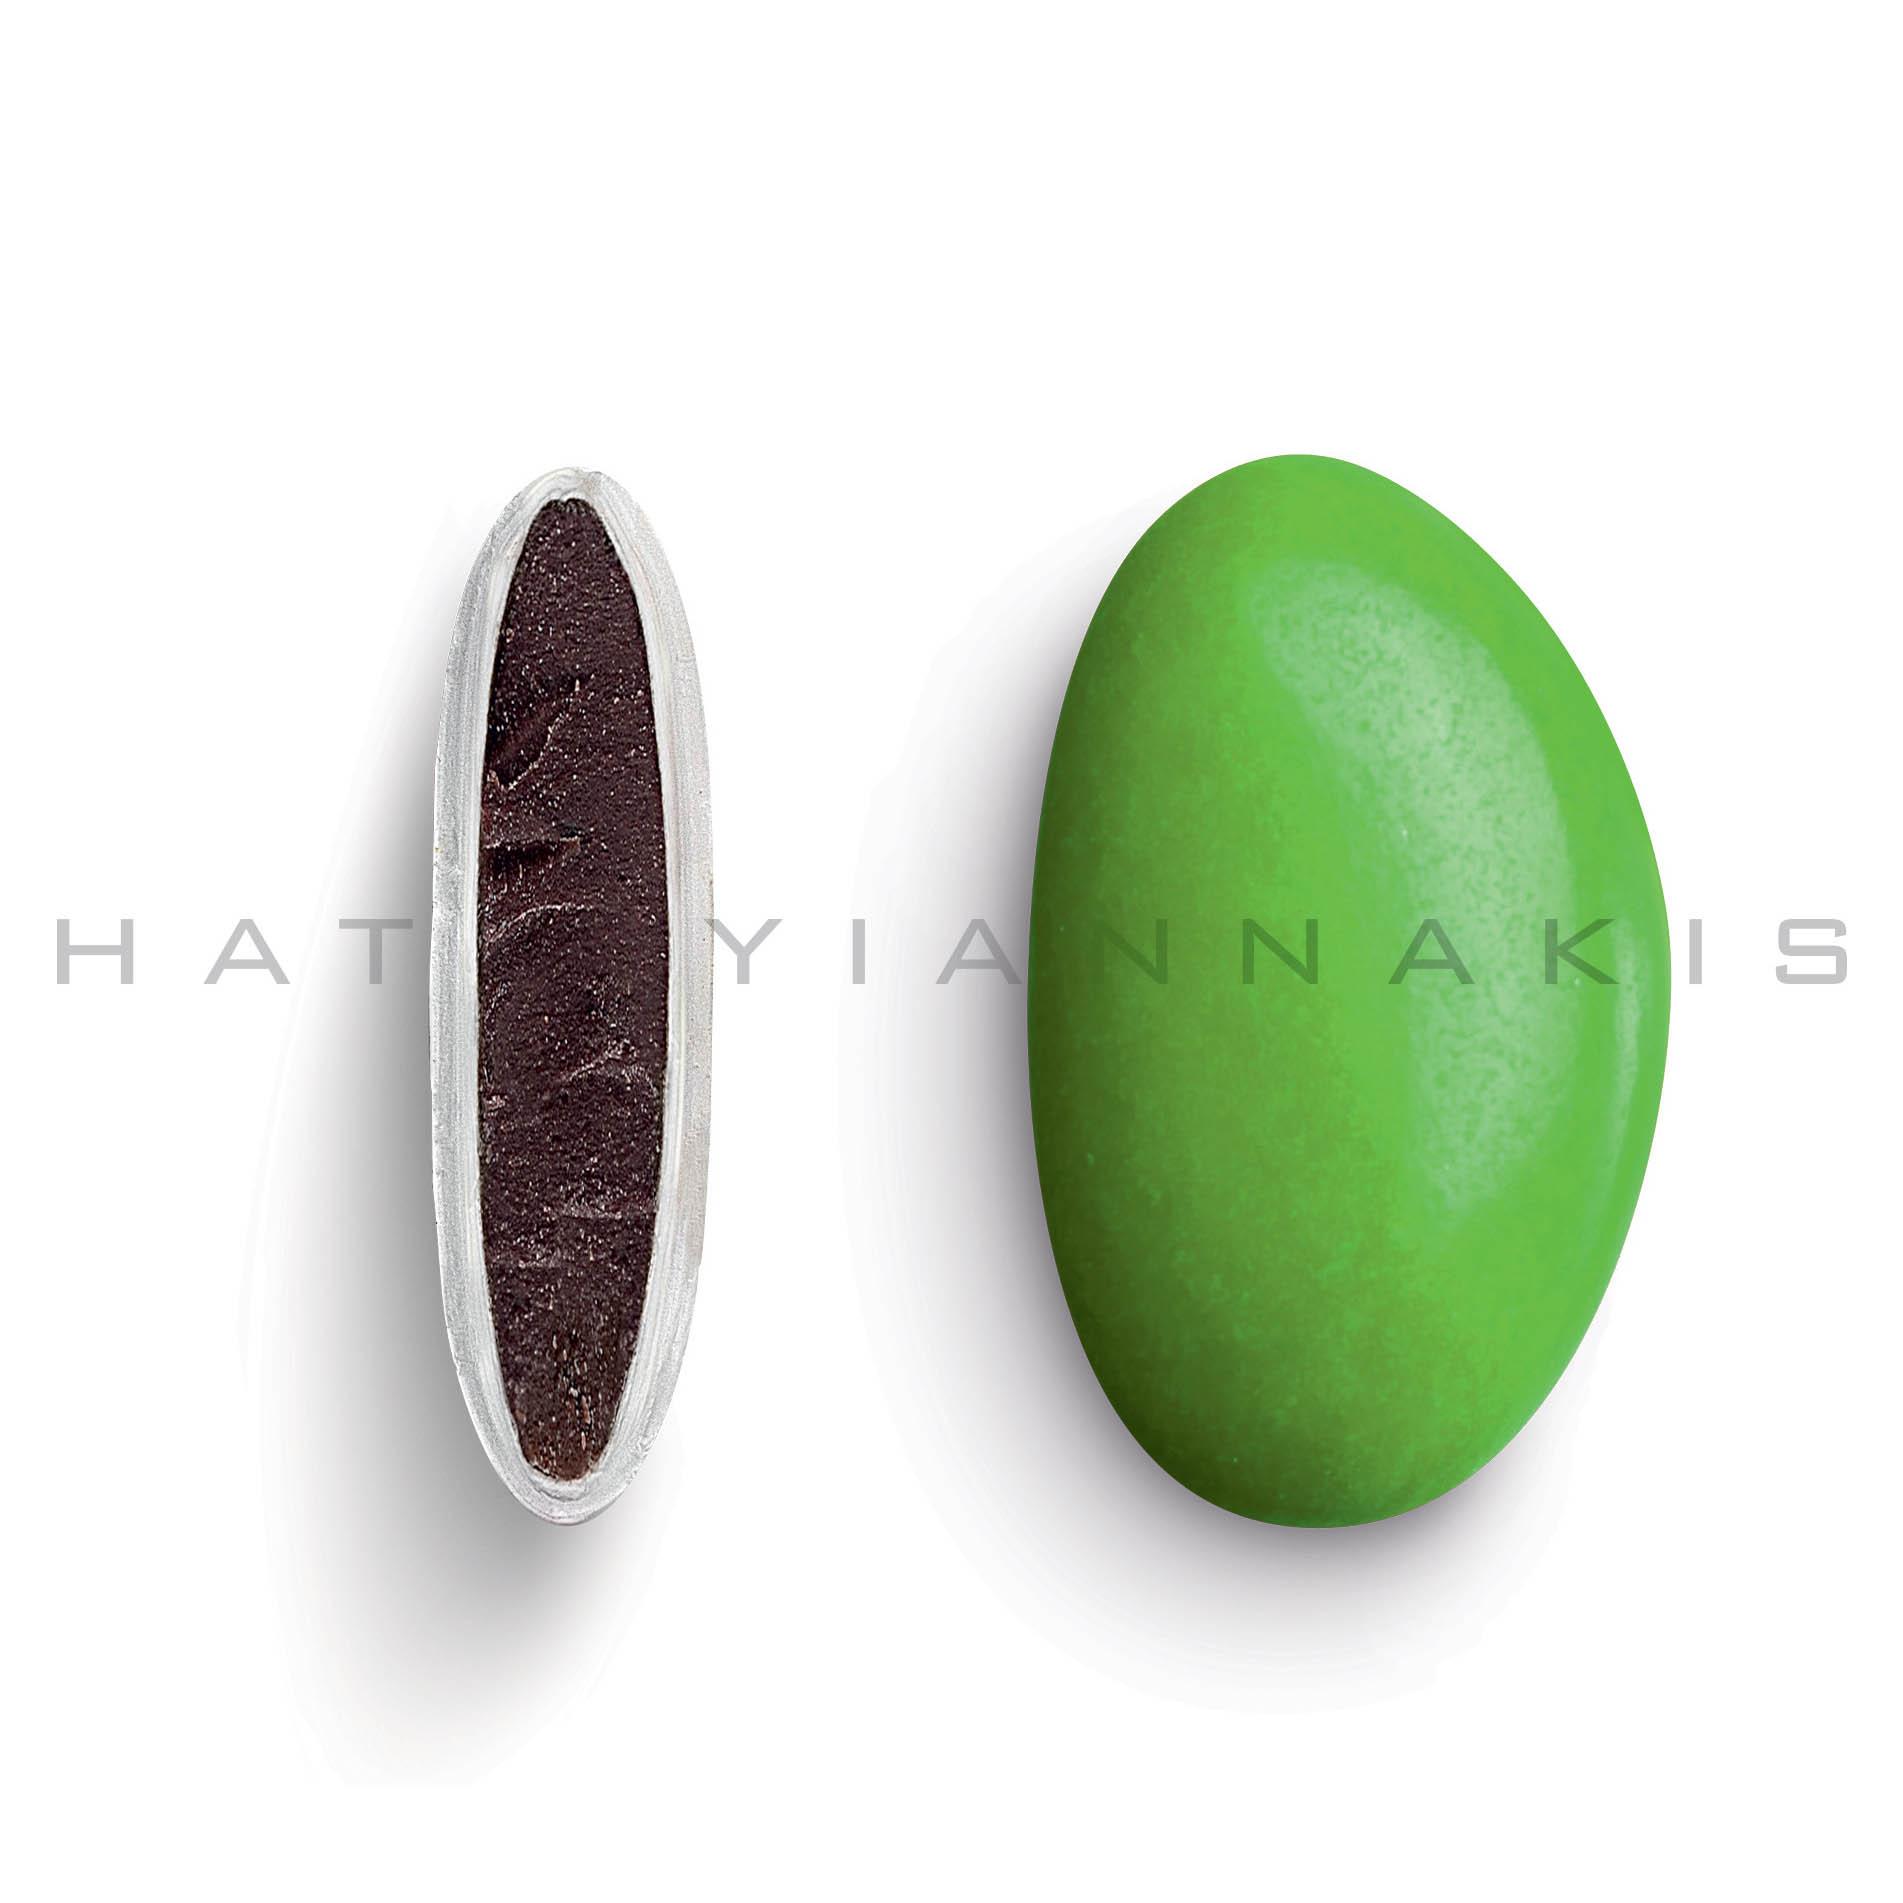 Κουφέτo bijoux supreme πράσινο, γυαλισμένο 500 gr Συσκευασία